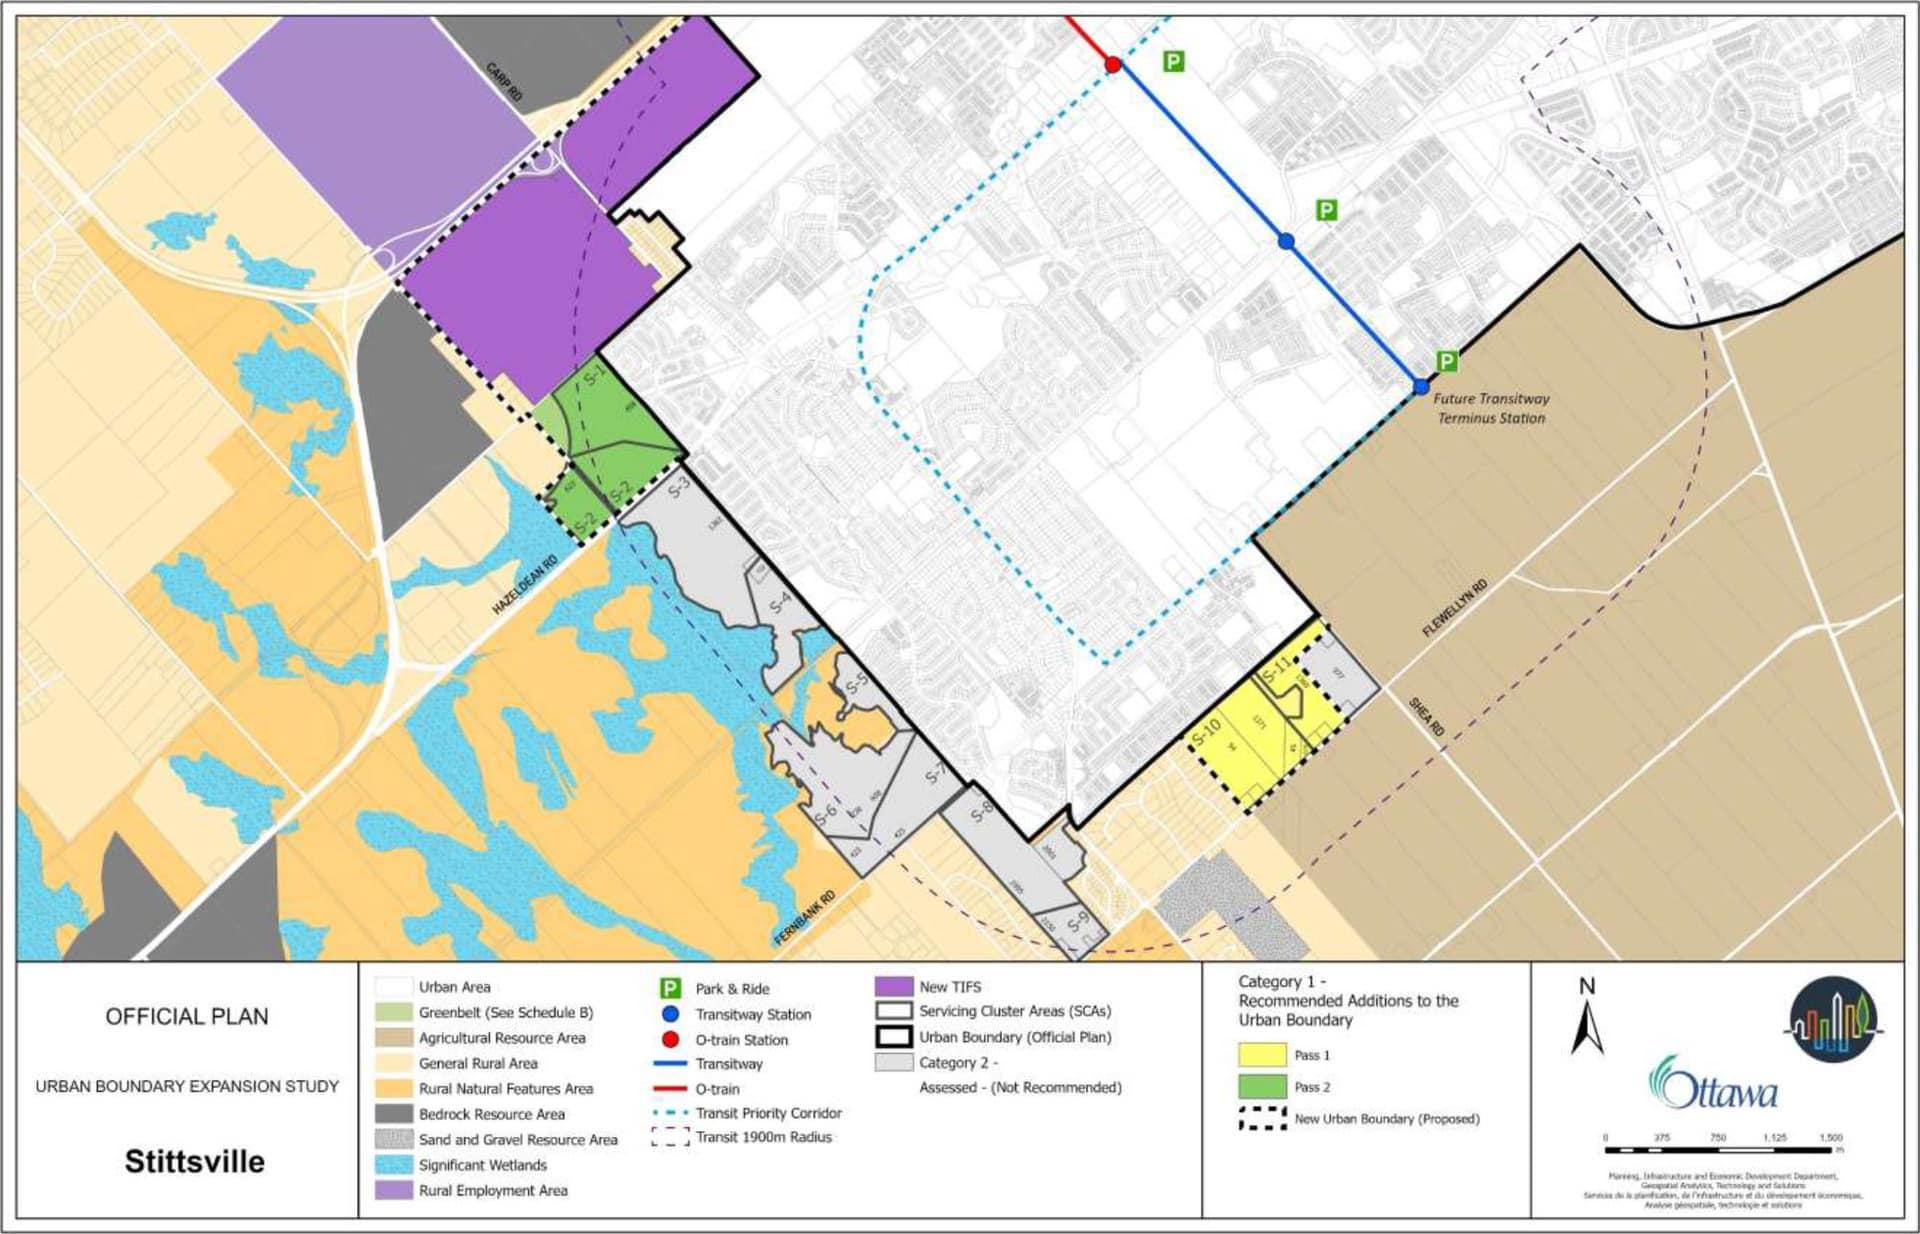 Urban land expansion study